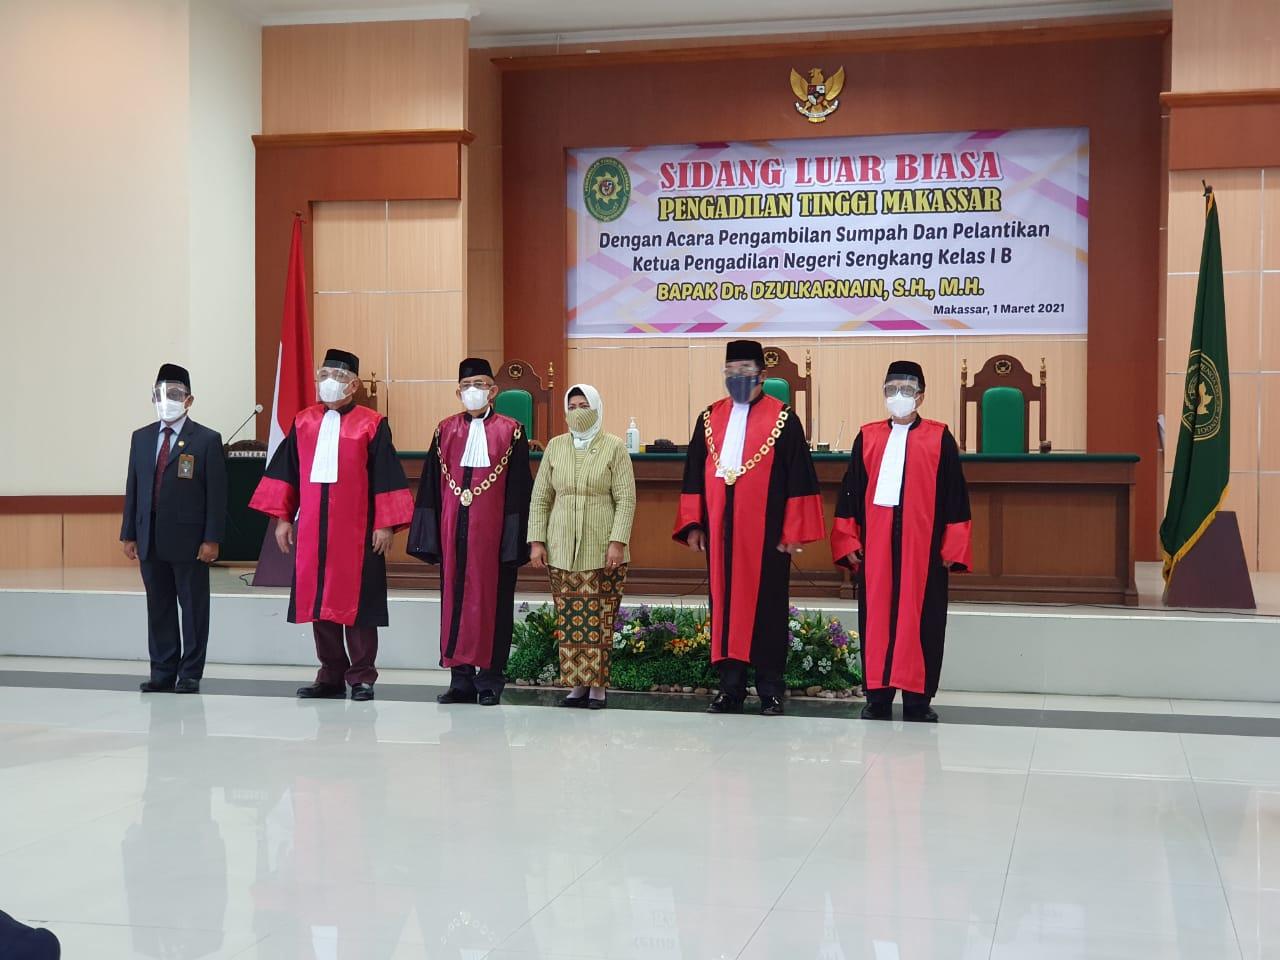 Ketua Pengadilan Negeri Sengkang Resmi Dilantik Hari Ini